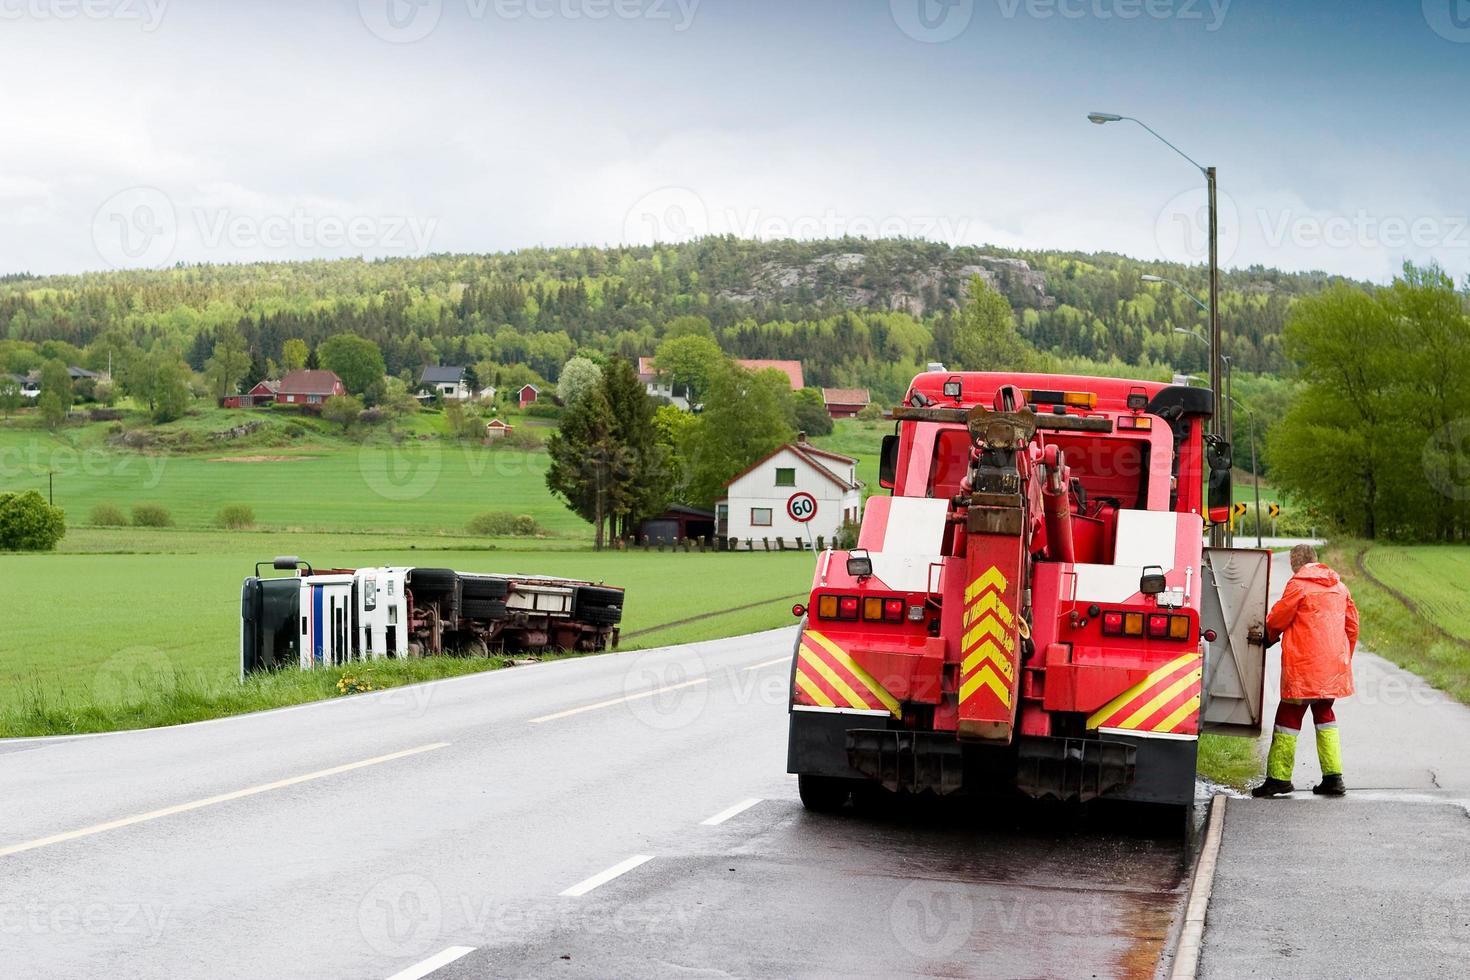 une dépanneuse rouge nettoyant la route d'une ville rurale photo